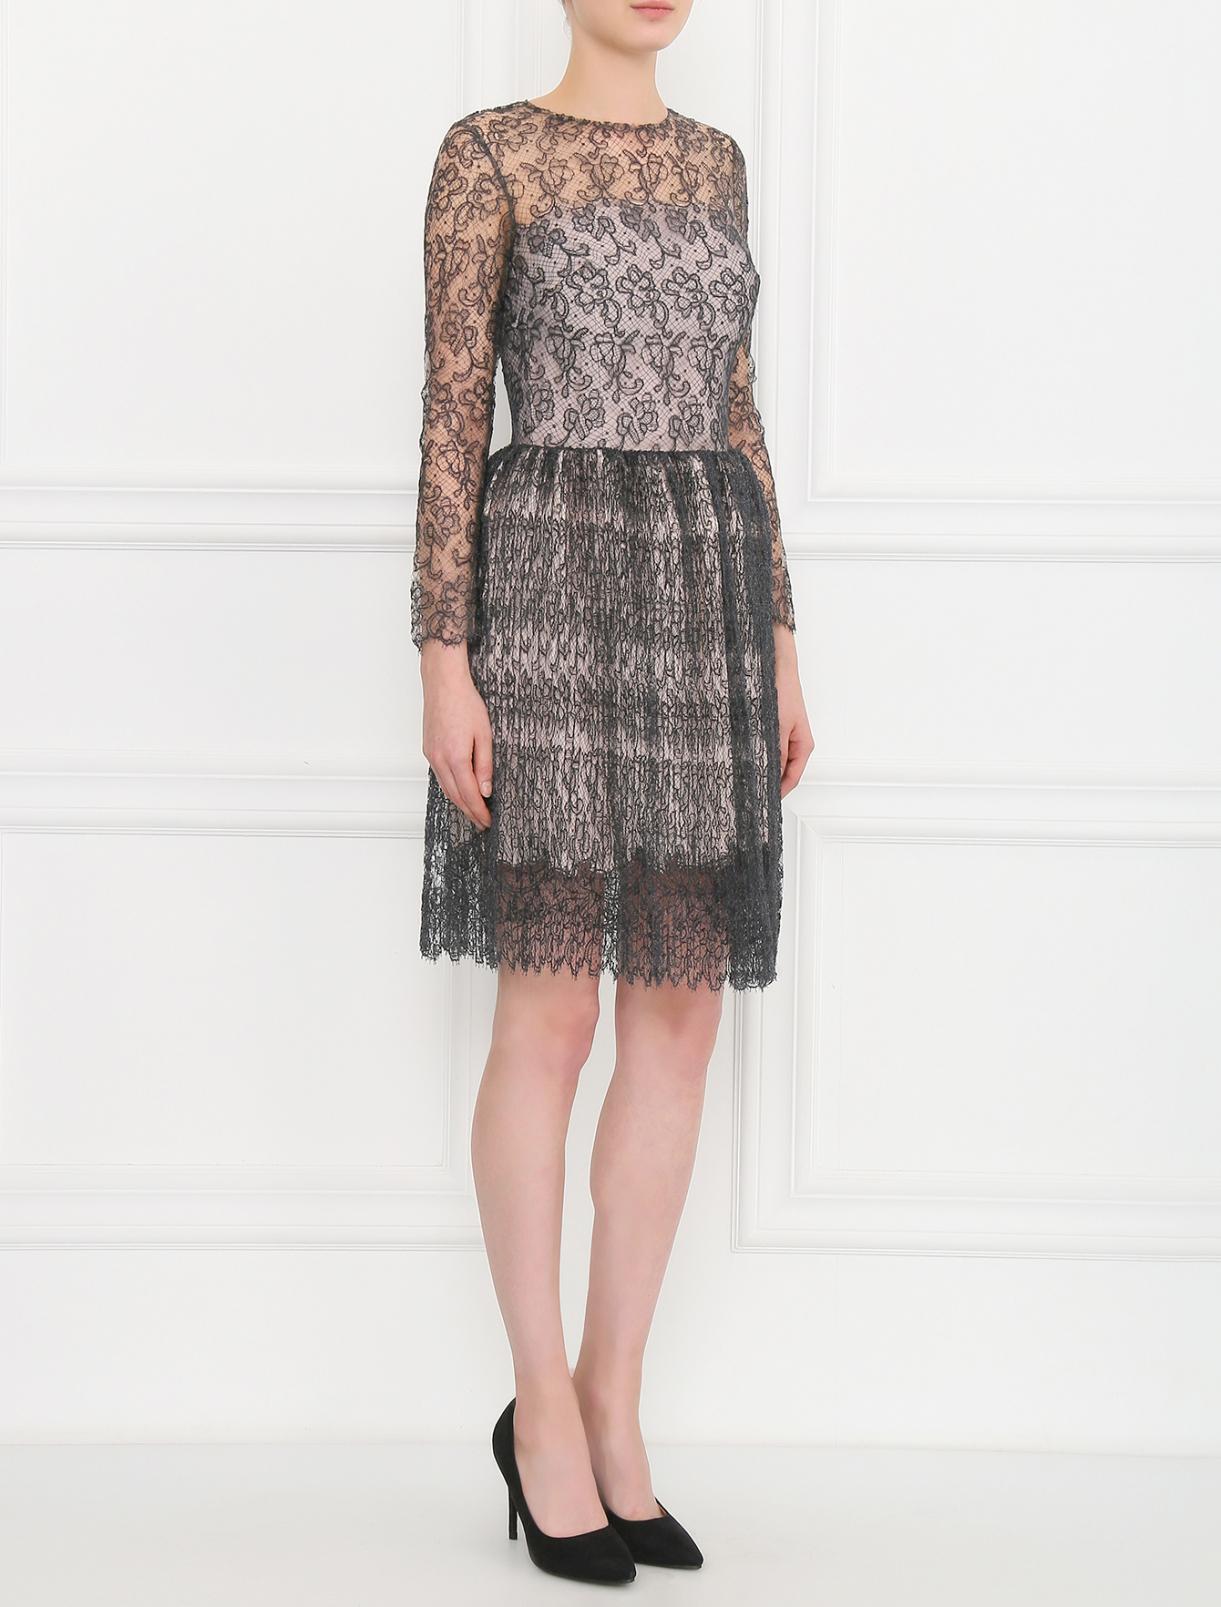 Платье-мини из шелка с ажурным узором Ermanno Scervino  –  Модель Общий вид